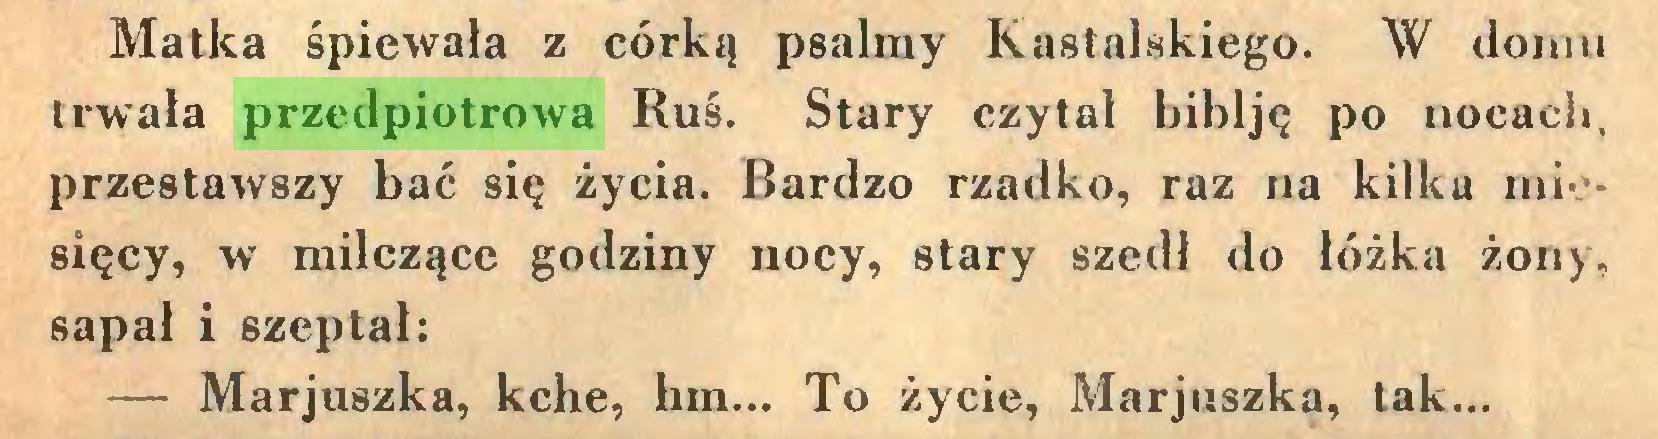 (...) Matka śpiewała z córką psalmy Kastalskiego. W domu trwała przedpiotrowa Ruś. Stary czytał biblję po nocach, przestawszy bać się życia. Bardzo rzadko, raz na kilka miesięcy, w milczące godziny nocy, stary szedł do łóżka żony, sapał i szeptał: — Marjuszka, kche, hm... To życie, Marjuszka, tak...